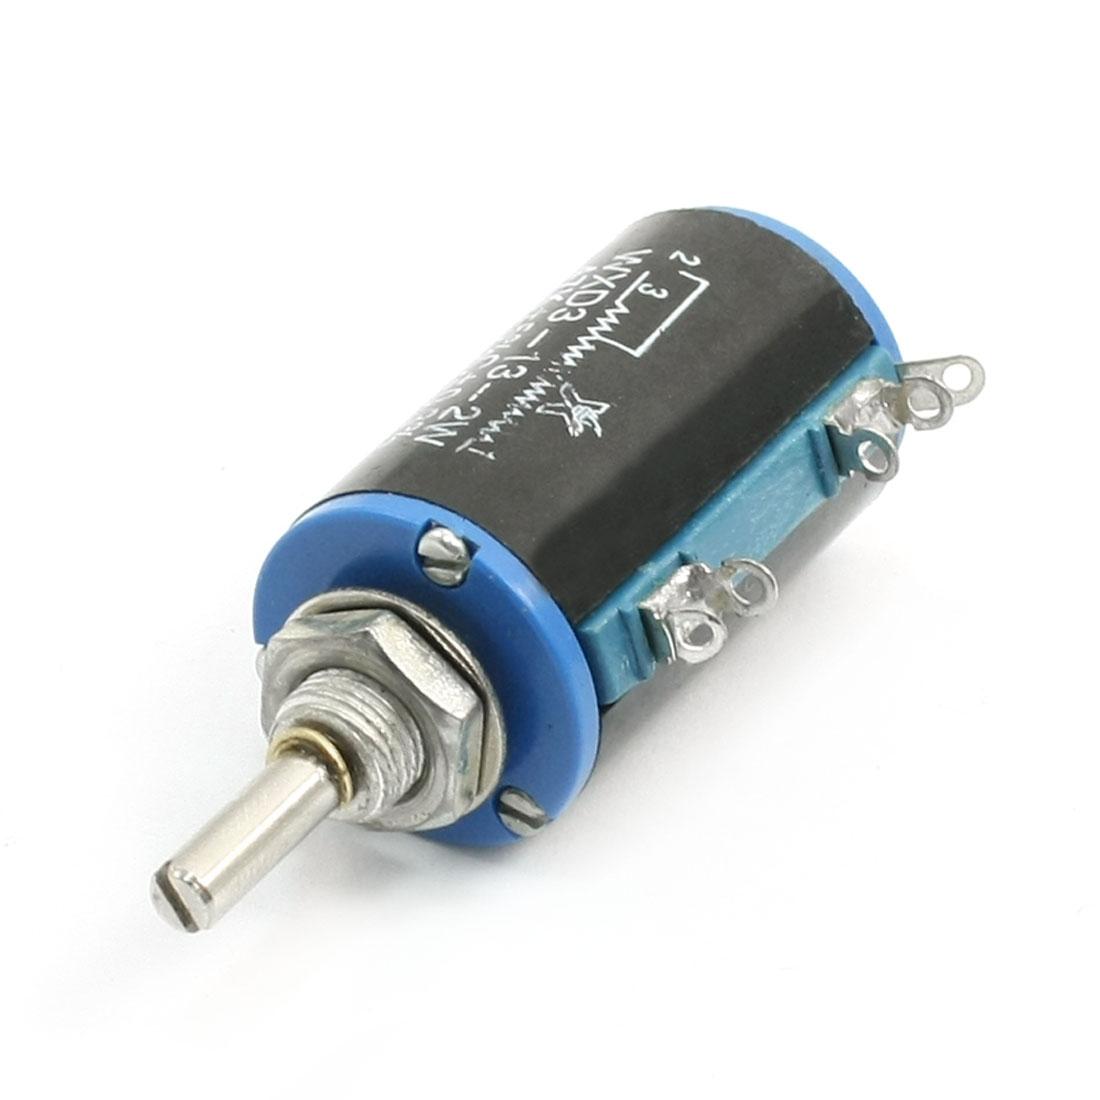 WXD3-13-2W Multi-Turn Wirewound Rotary Potentiometer 47K Ohm